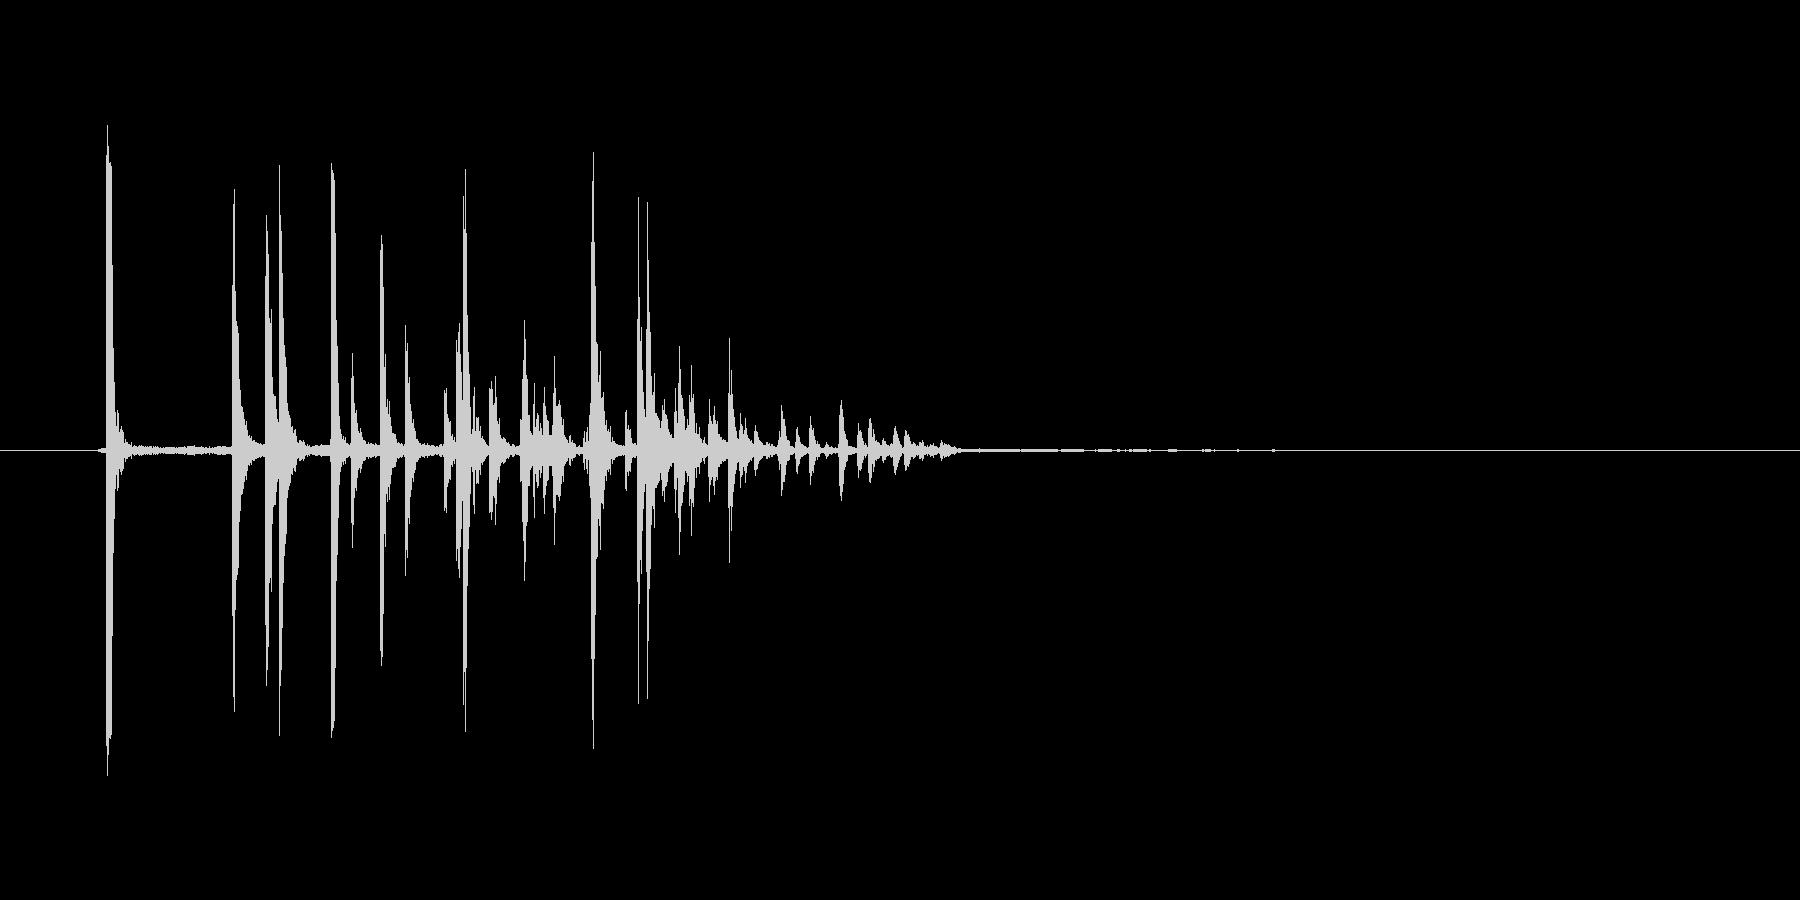 コロコロコロ(サイコロが転がる音)の未再生の波形